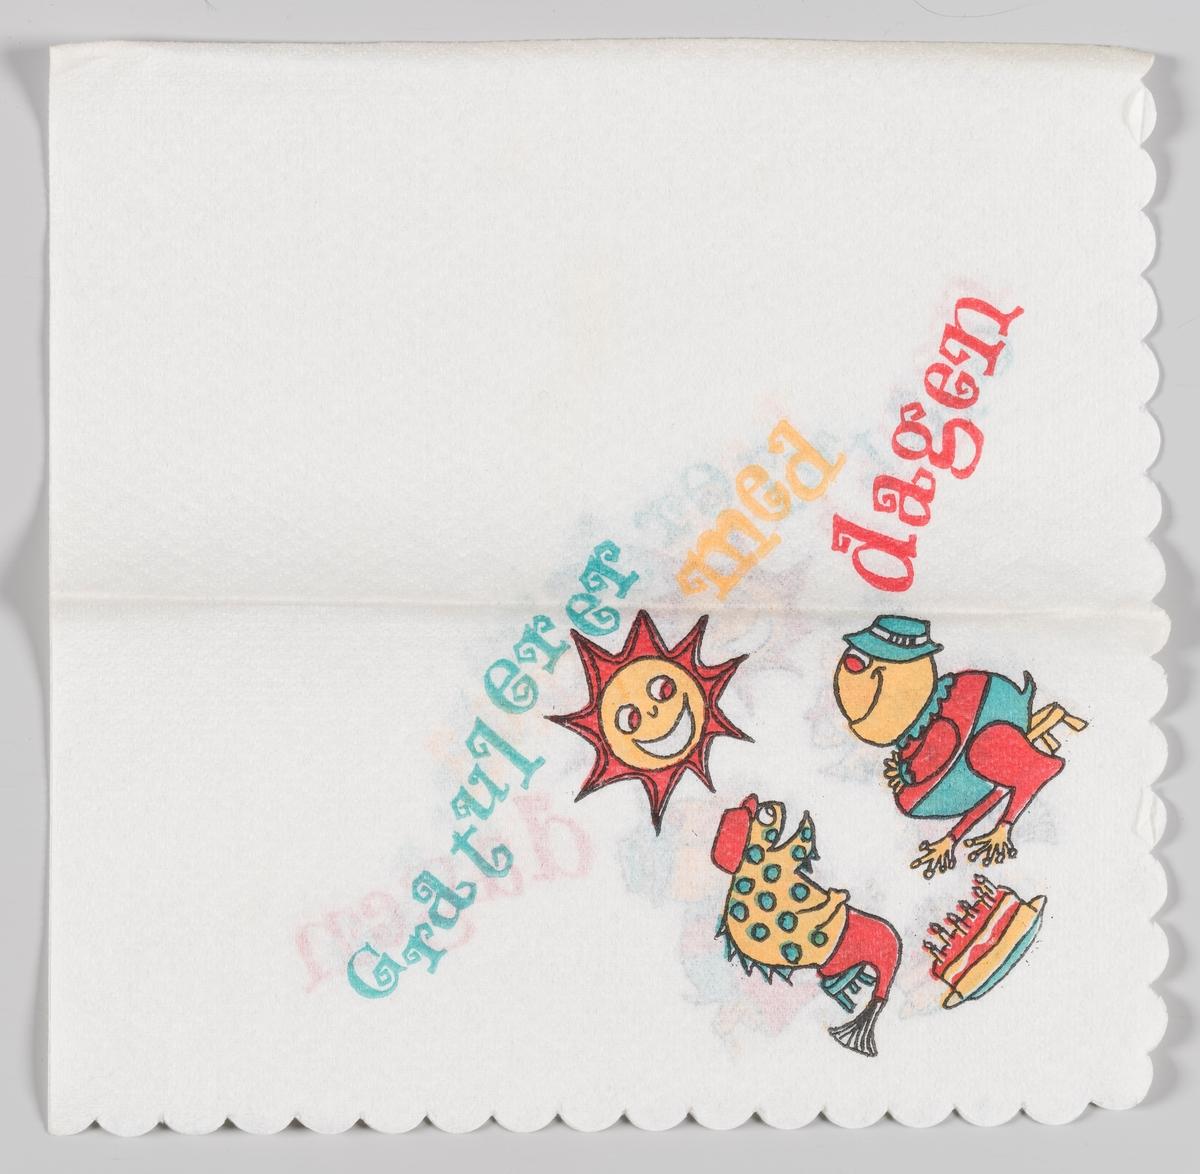 To fargerike figurer spiser bursdagskake og en smilende sol ser på.